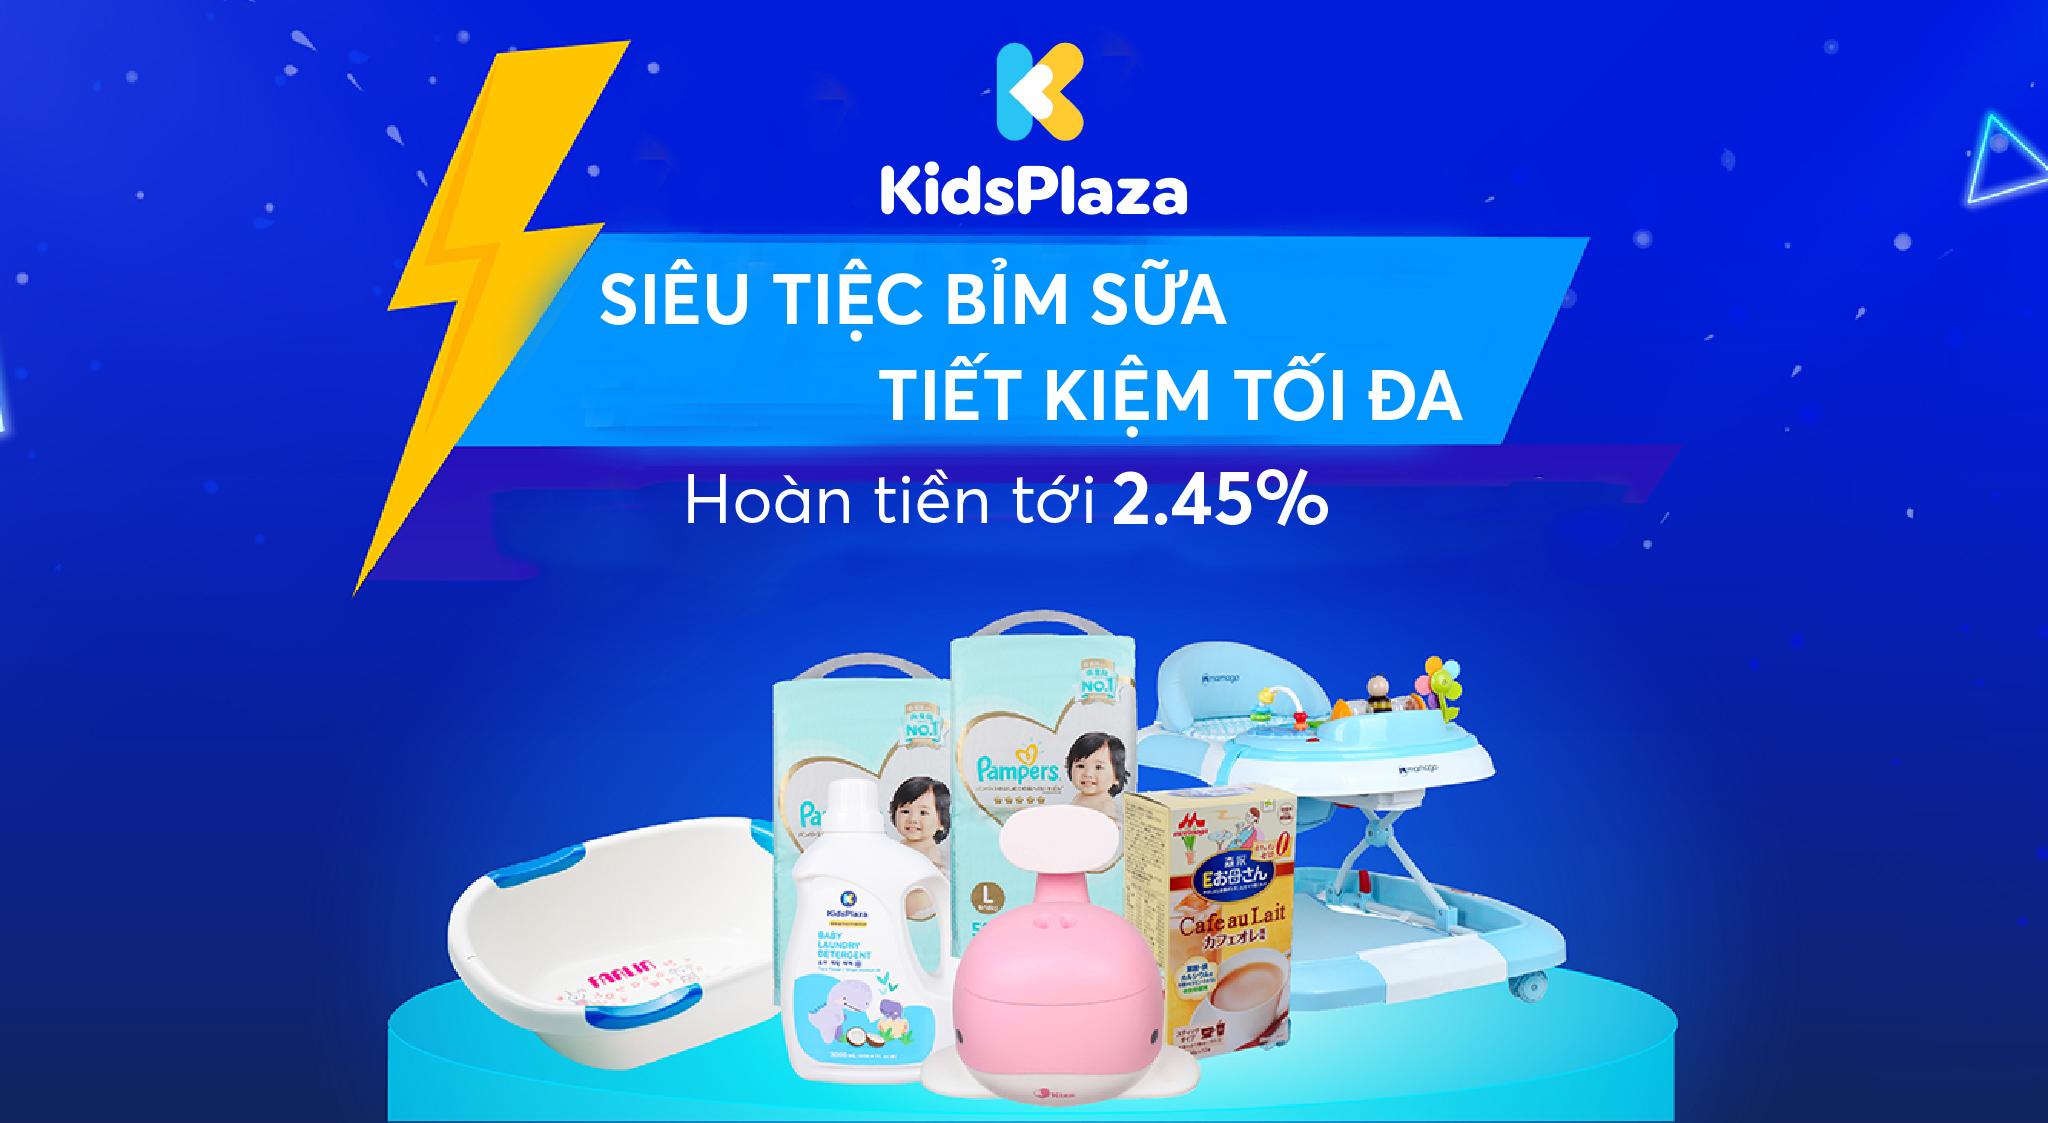 Finhay hoàn tiền - Kids plaza